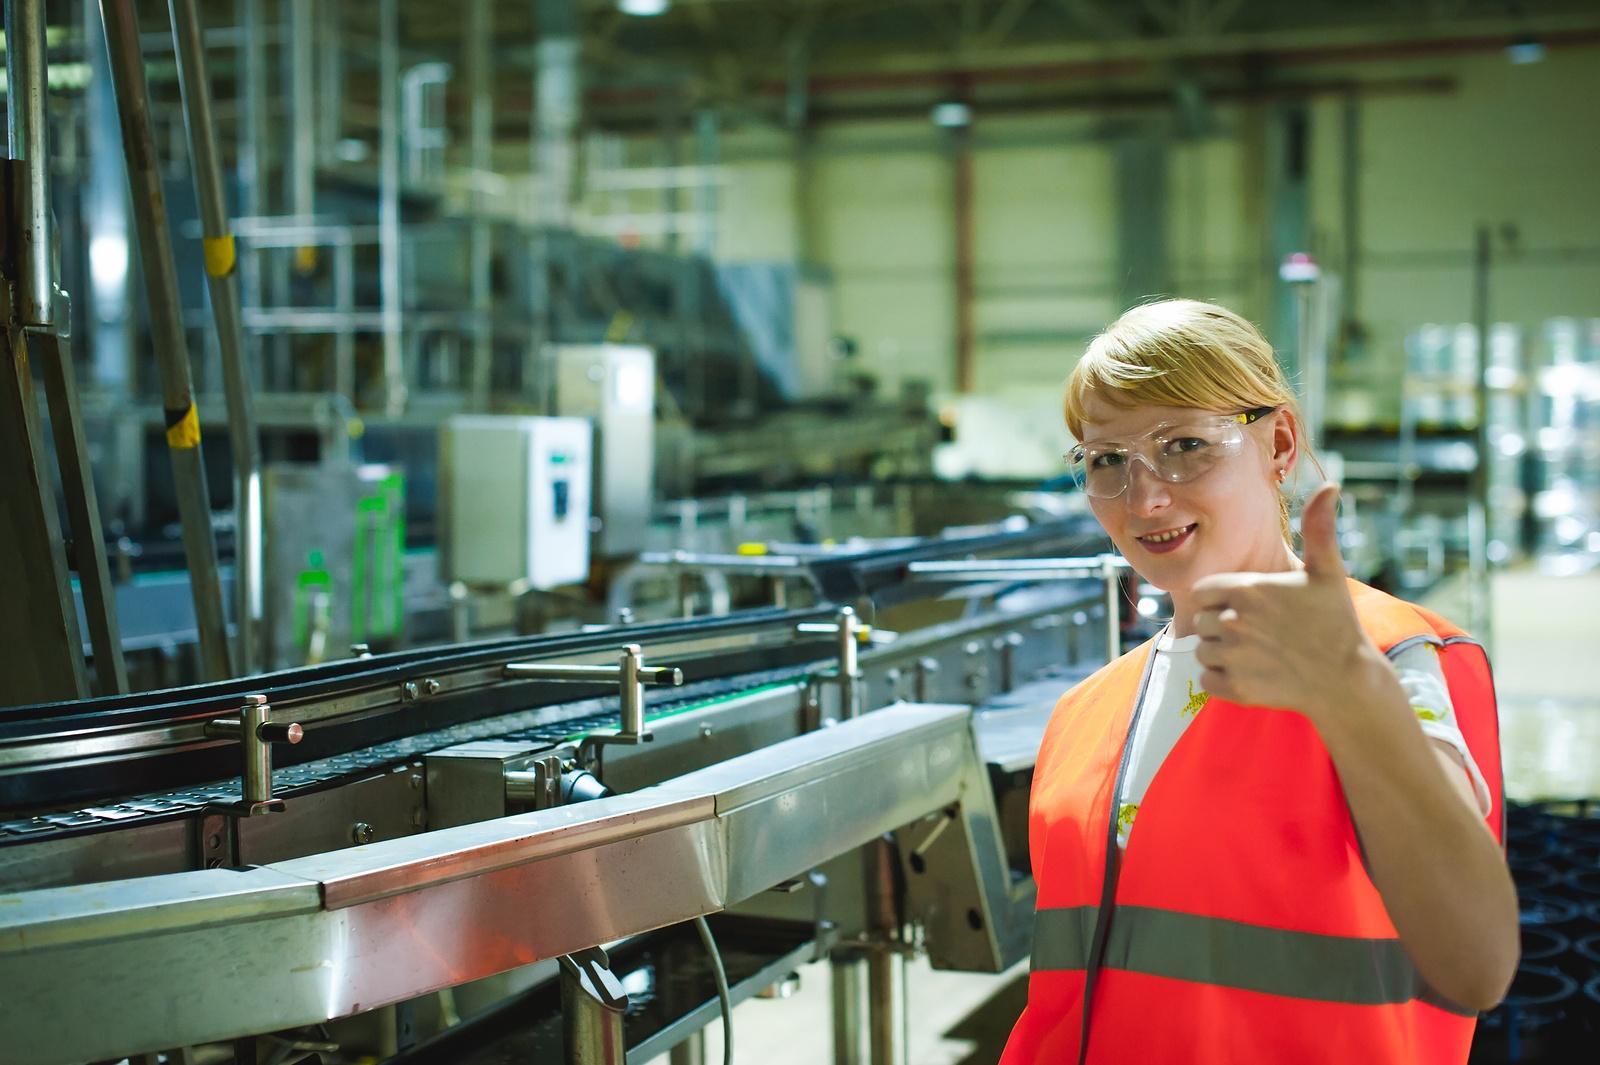 Female worker in factory